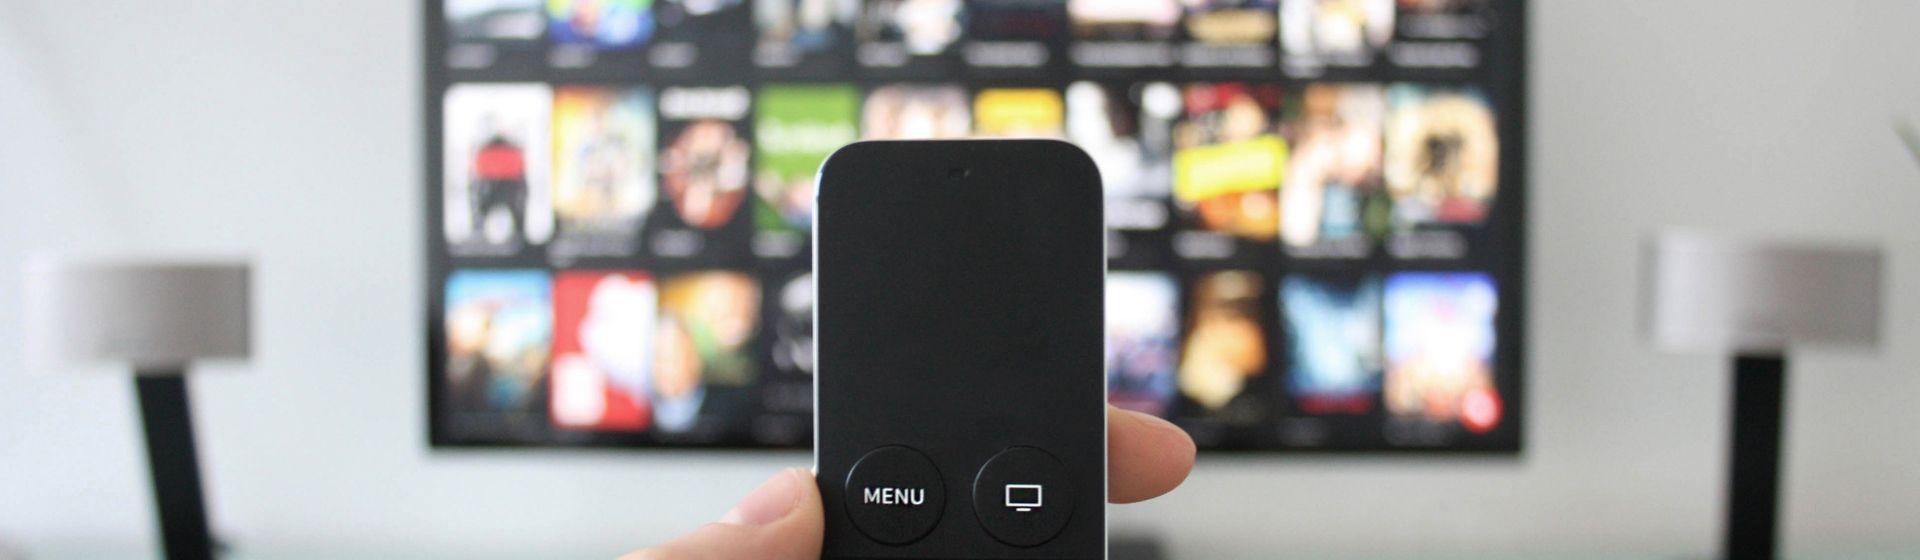 Melhor TV Box 2021: Apple TV, Mi Box, Fire TV... Confira a lista com as melhores do momento